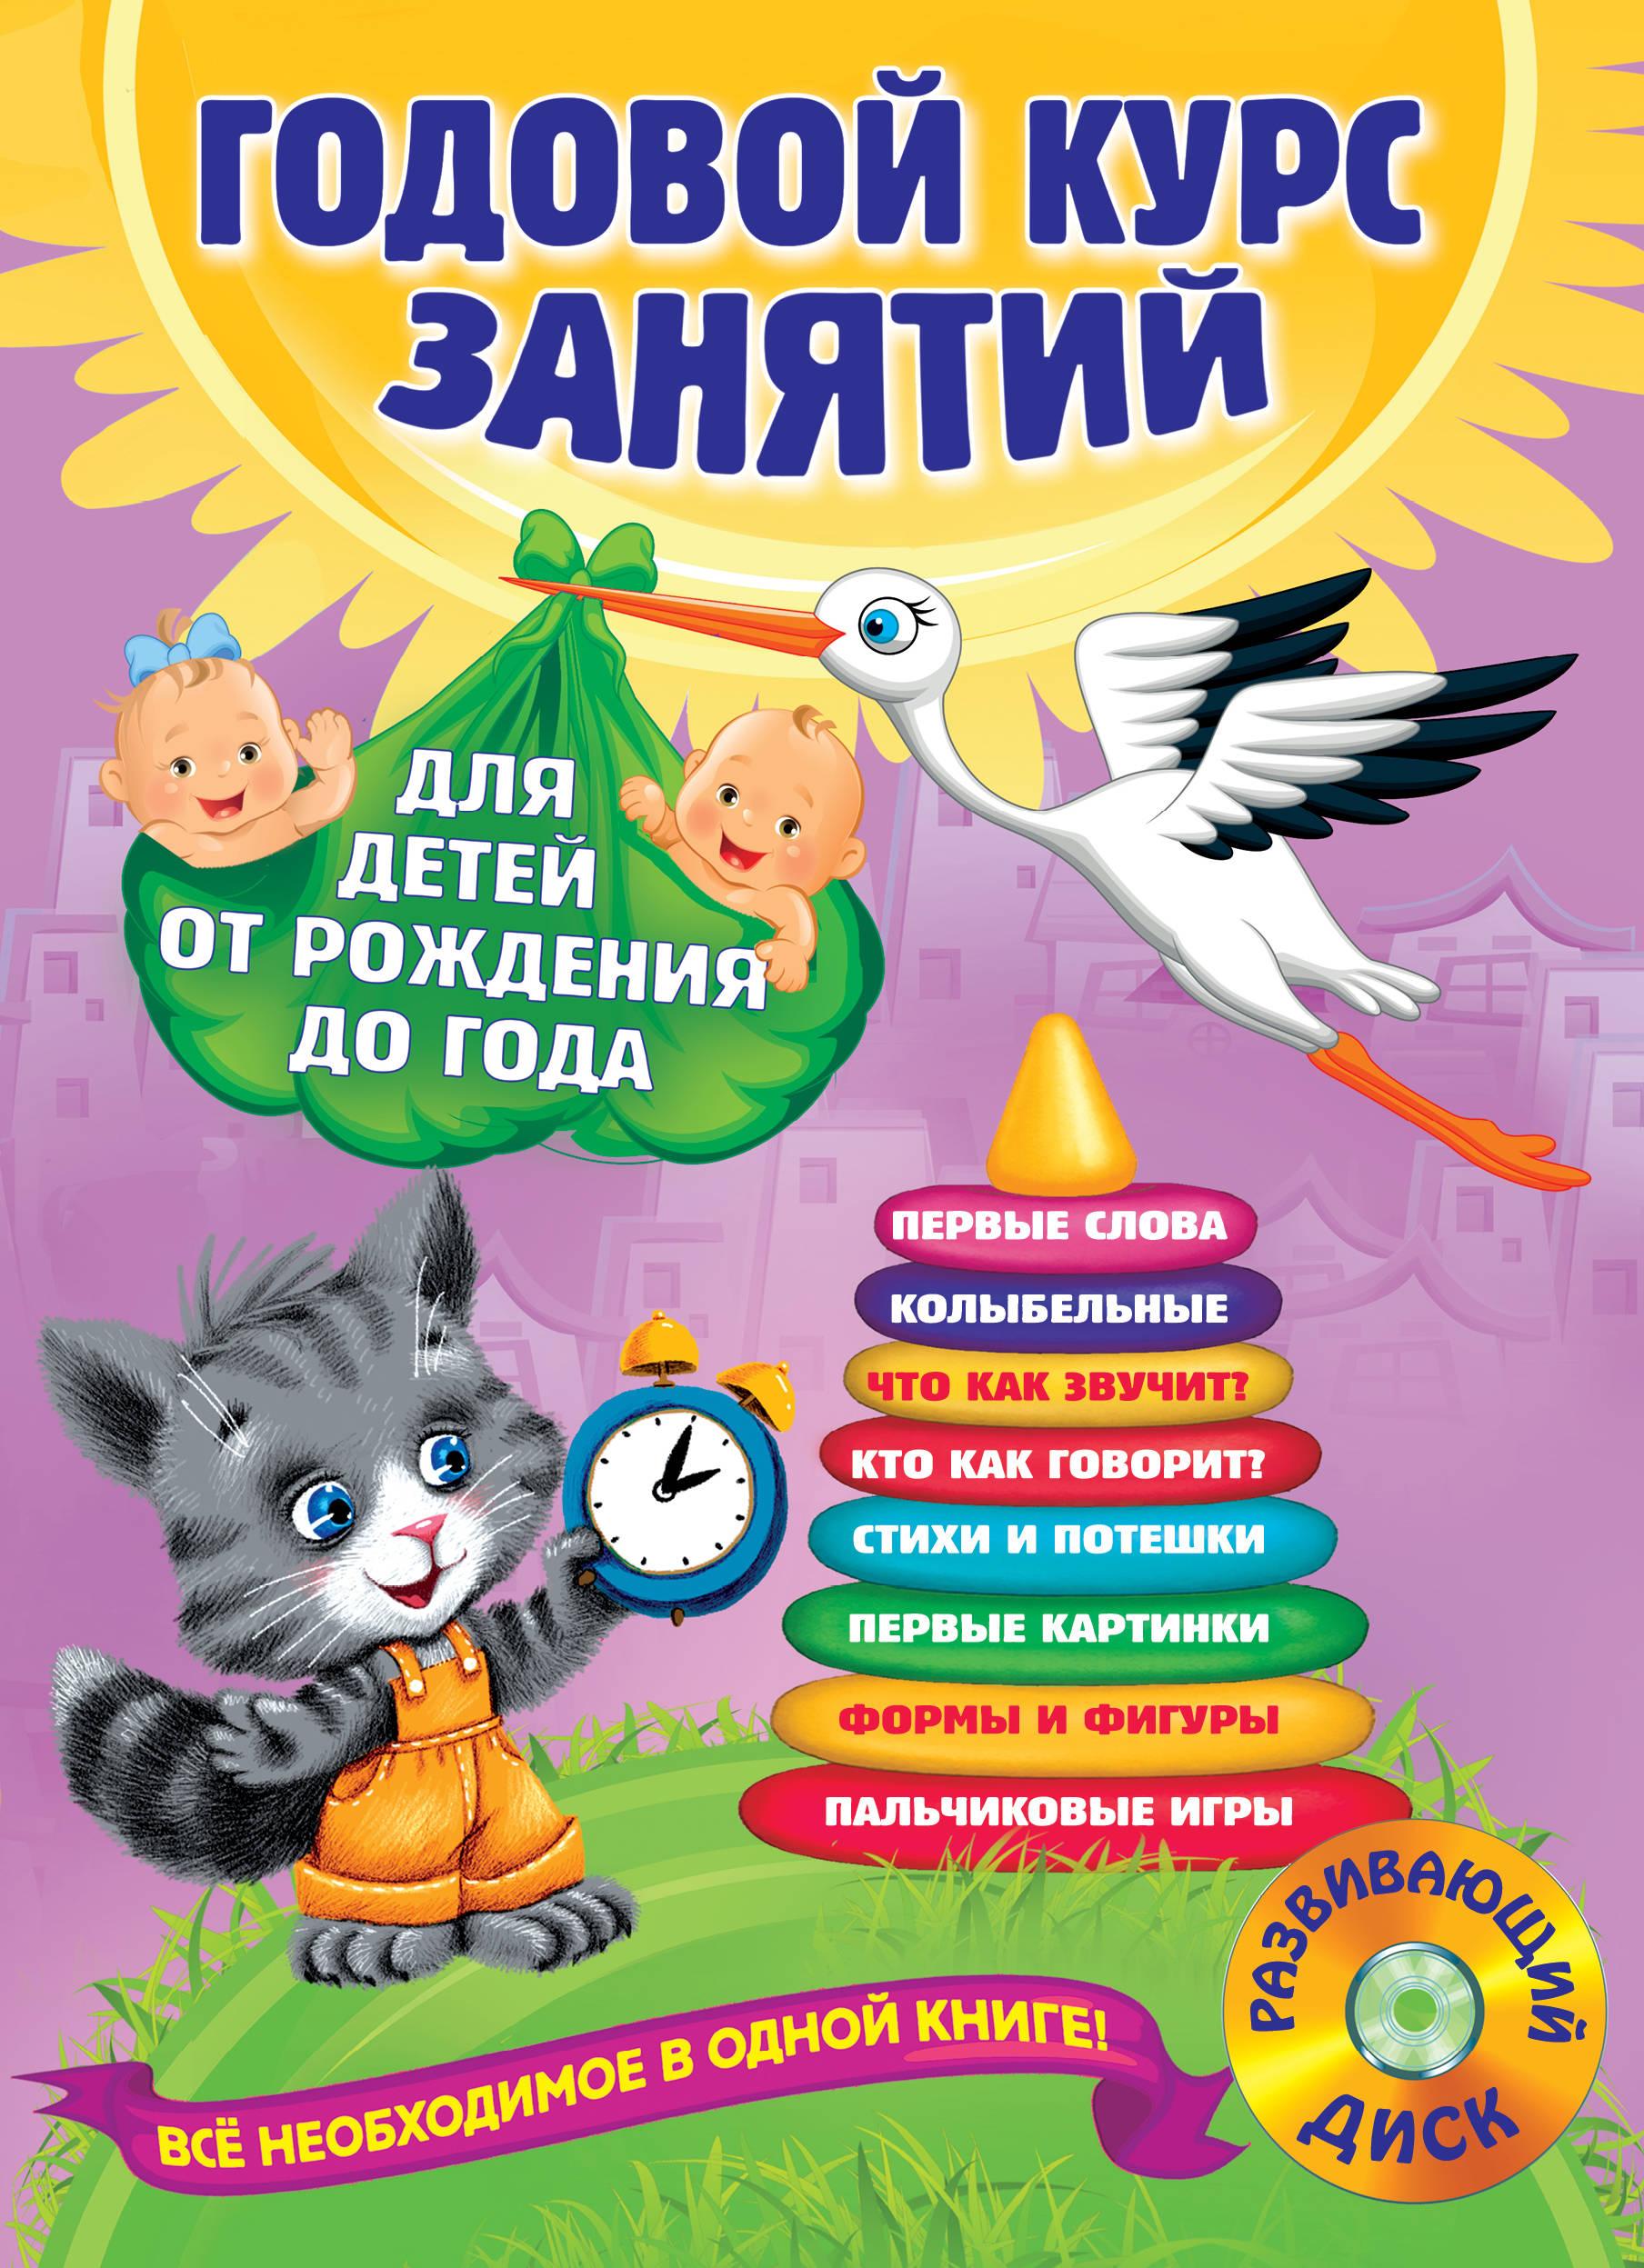 10 лучших книг для детей 2-3 лет ⋆ отзывы и форум 2020. советы родителям